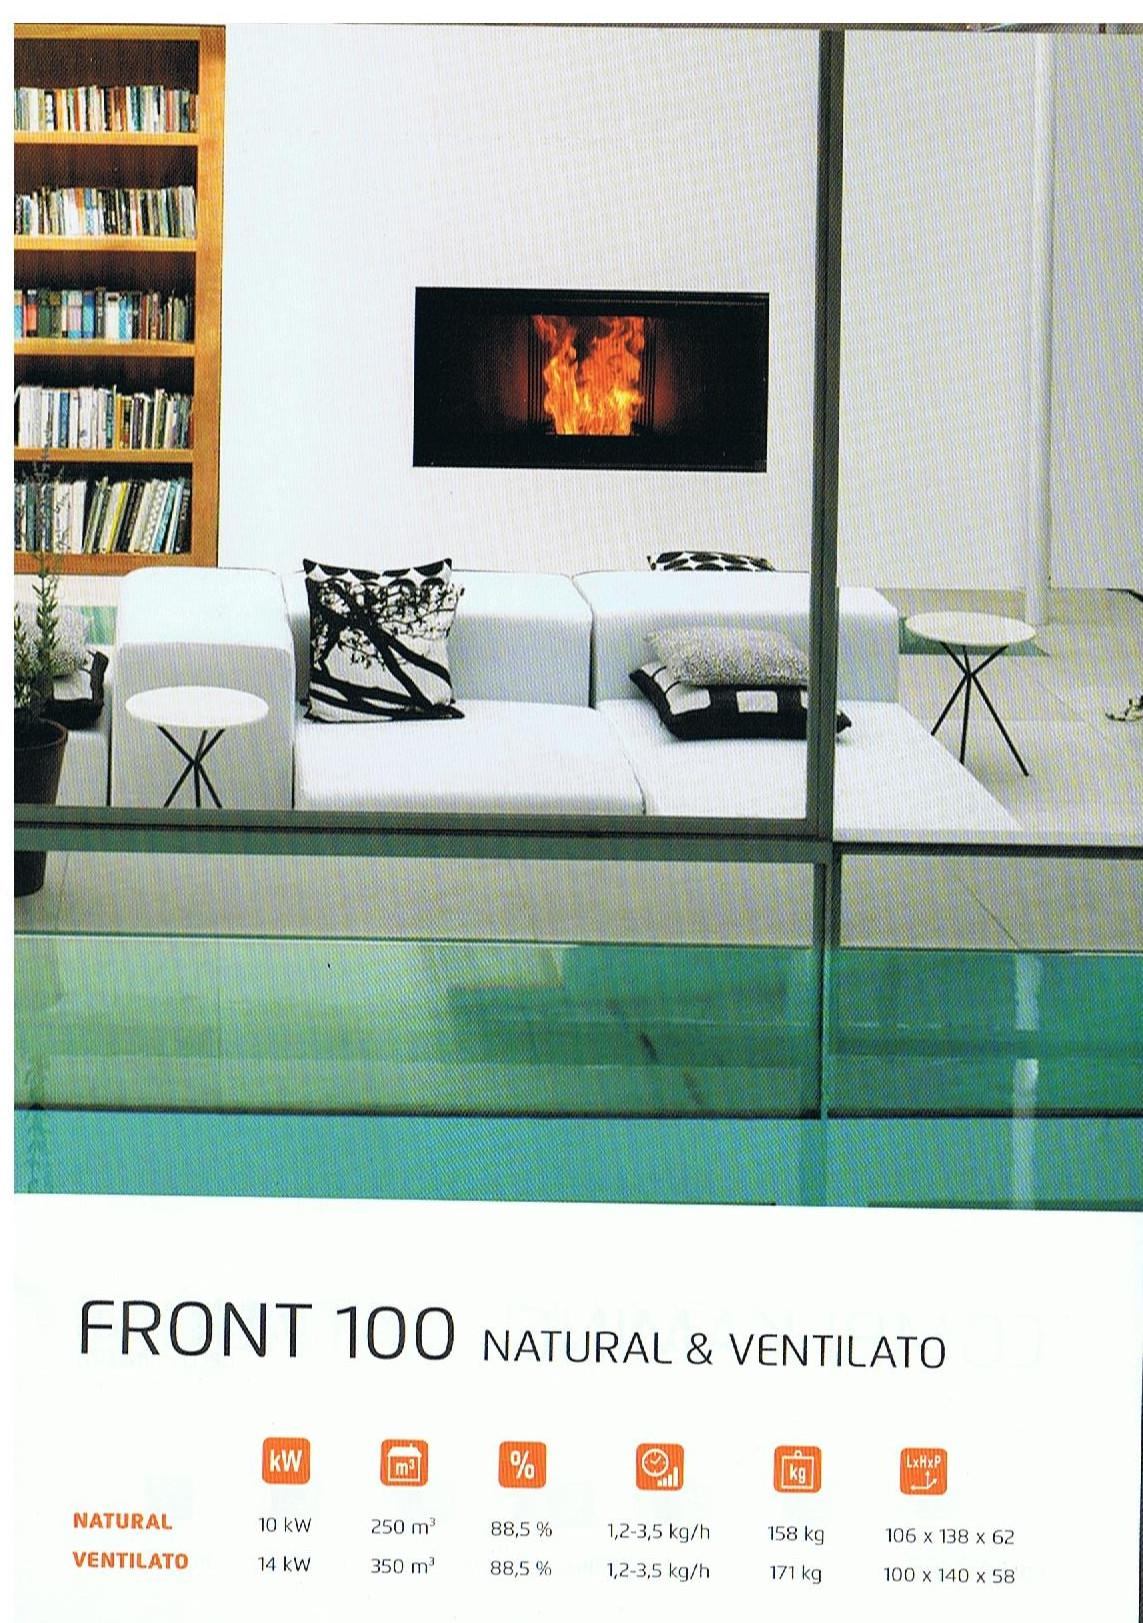 Gallus - Front 100